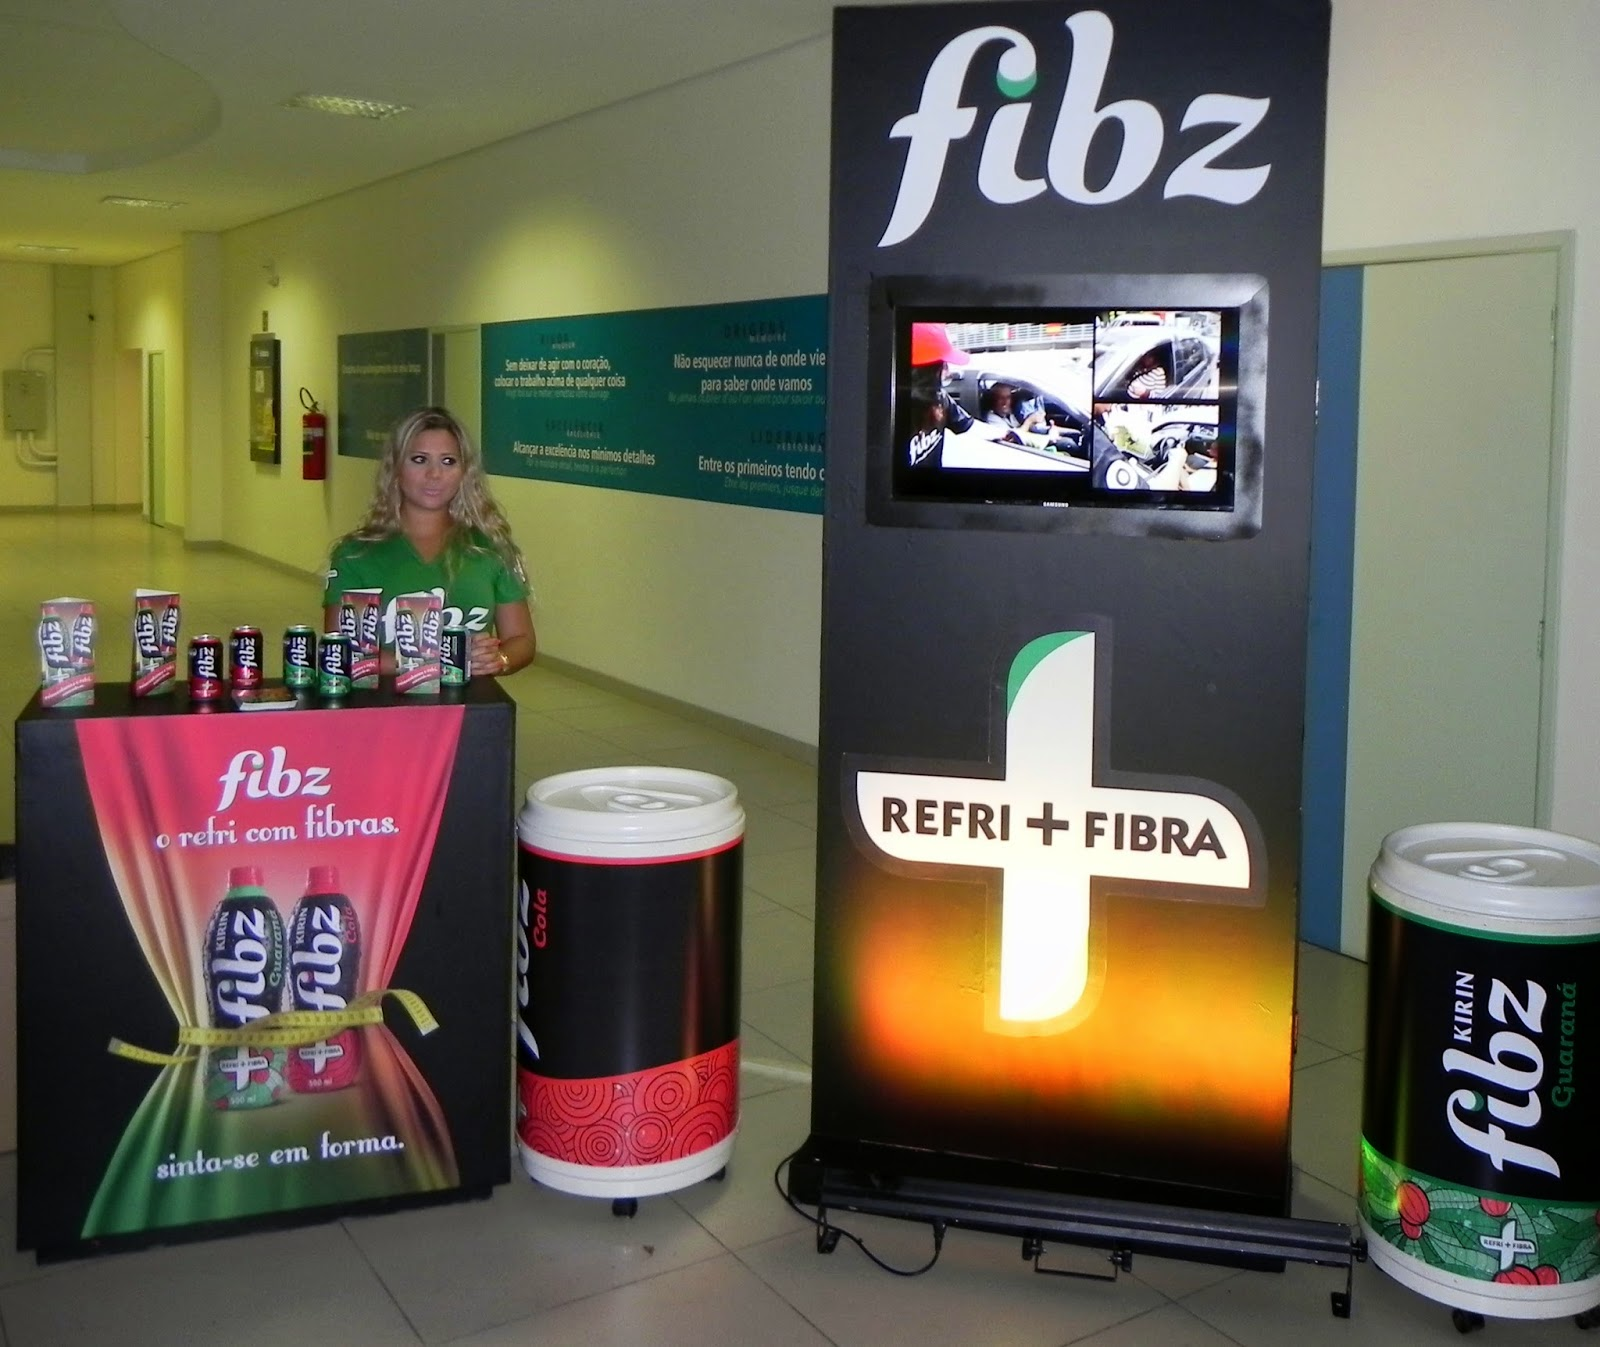 fibz refrigerante com fibras primeiro do brasil emagrece